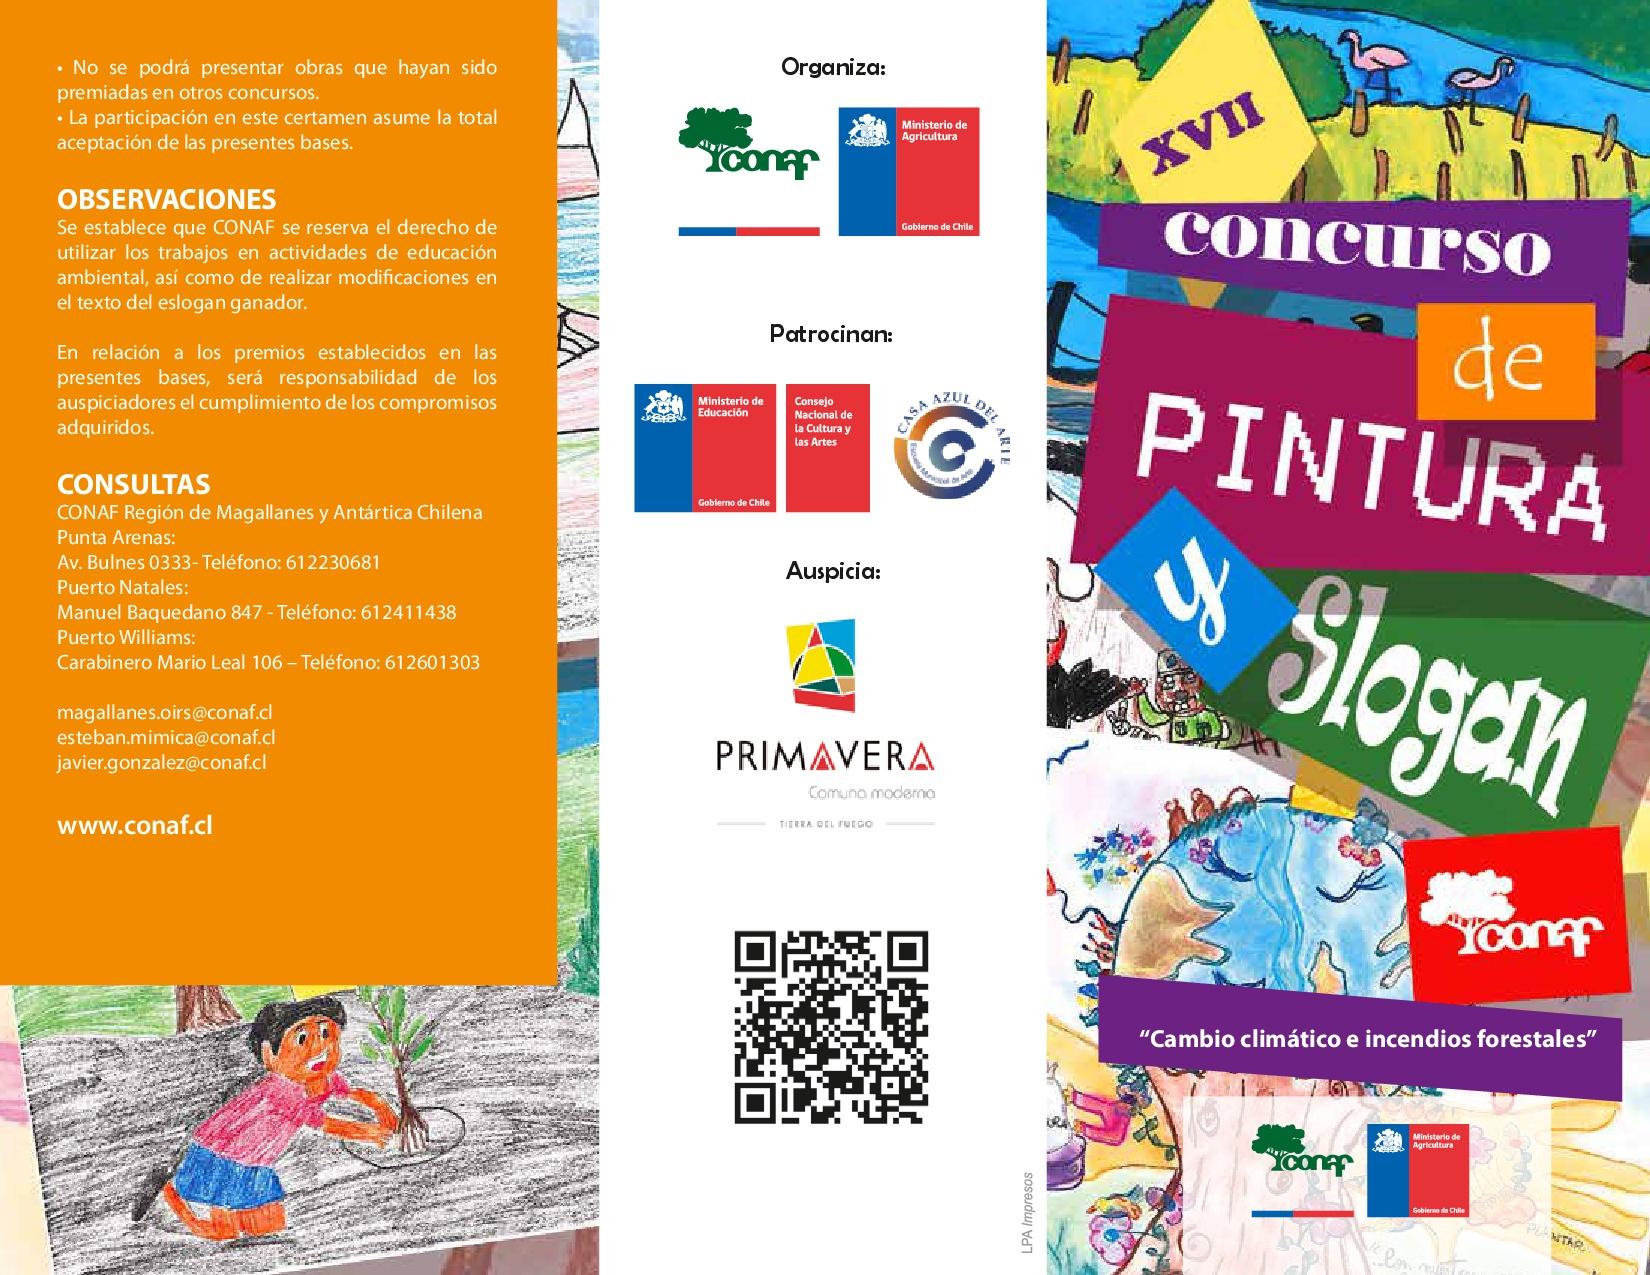 XVII Concurso de Pintura y Slogan 2017 Región de Magallanes